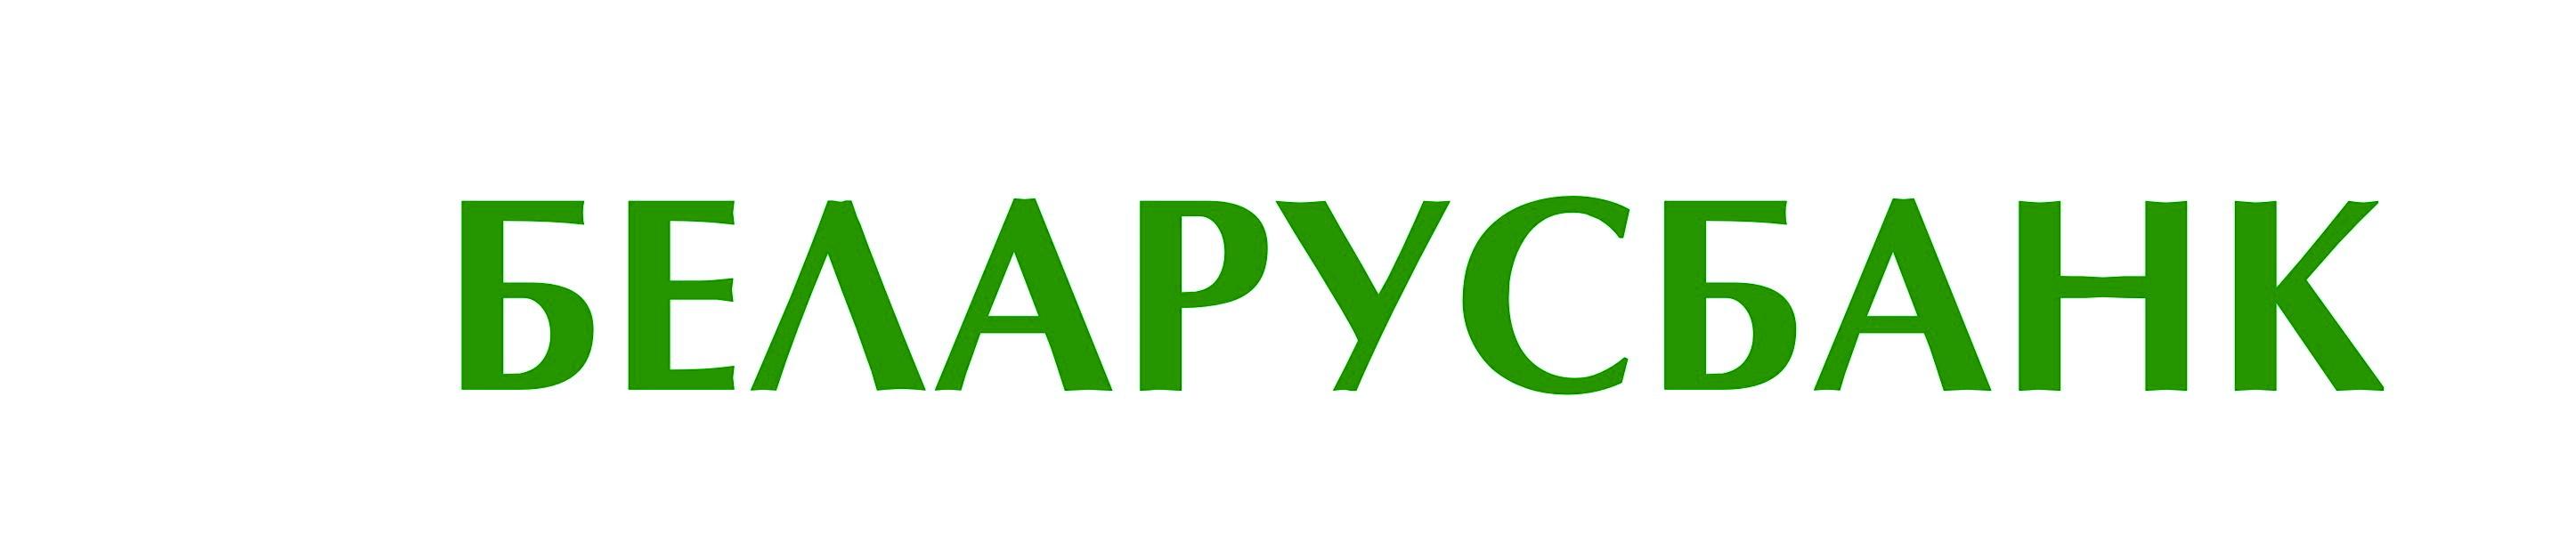 Беларусбанк логотип